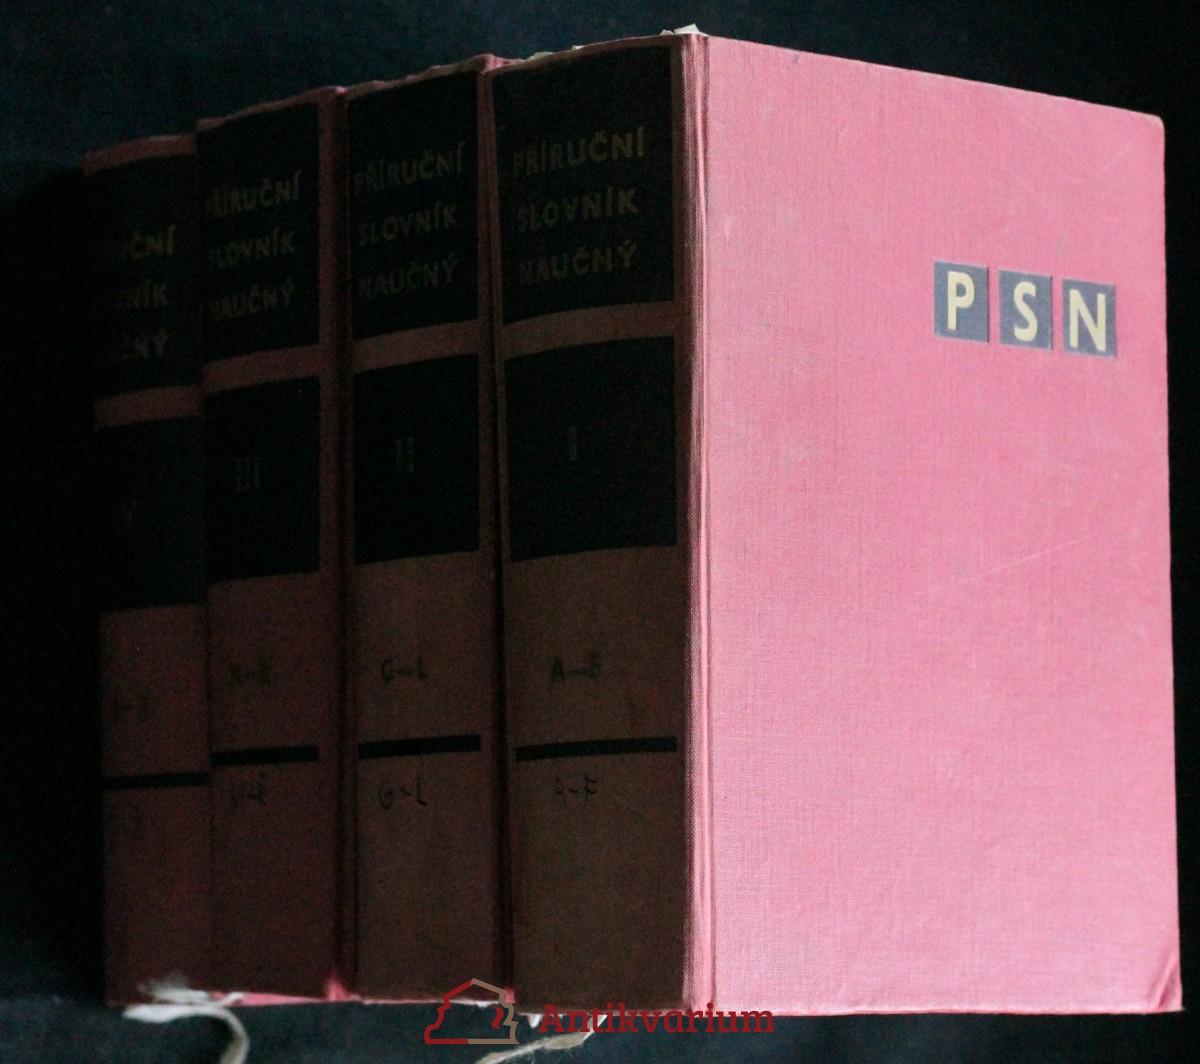 Příruční slovník naučný. 4 svazky